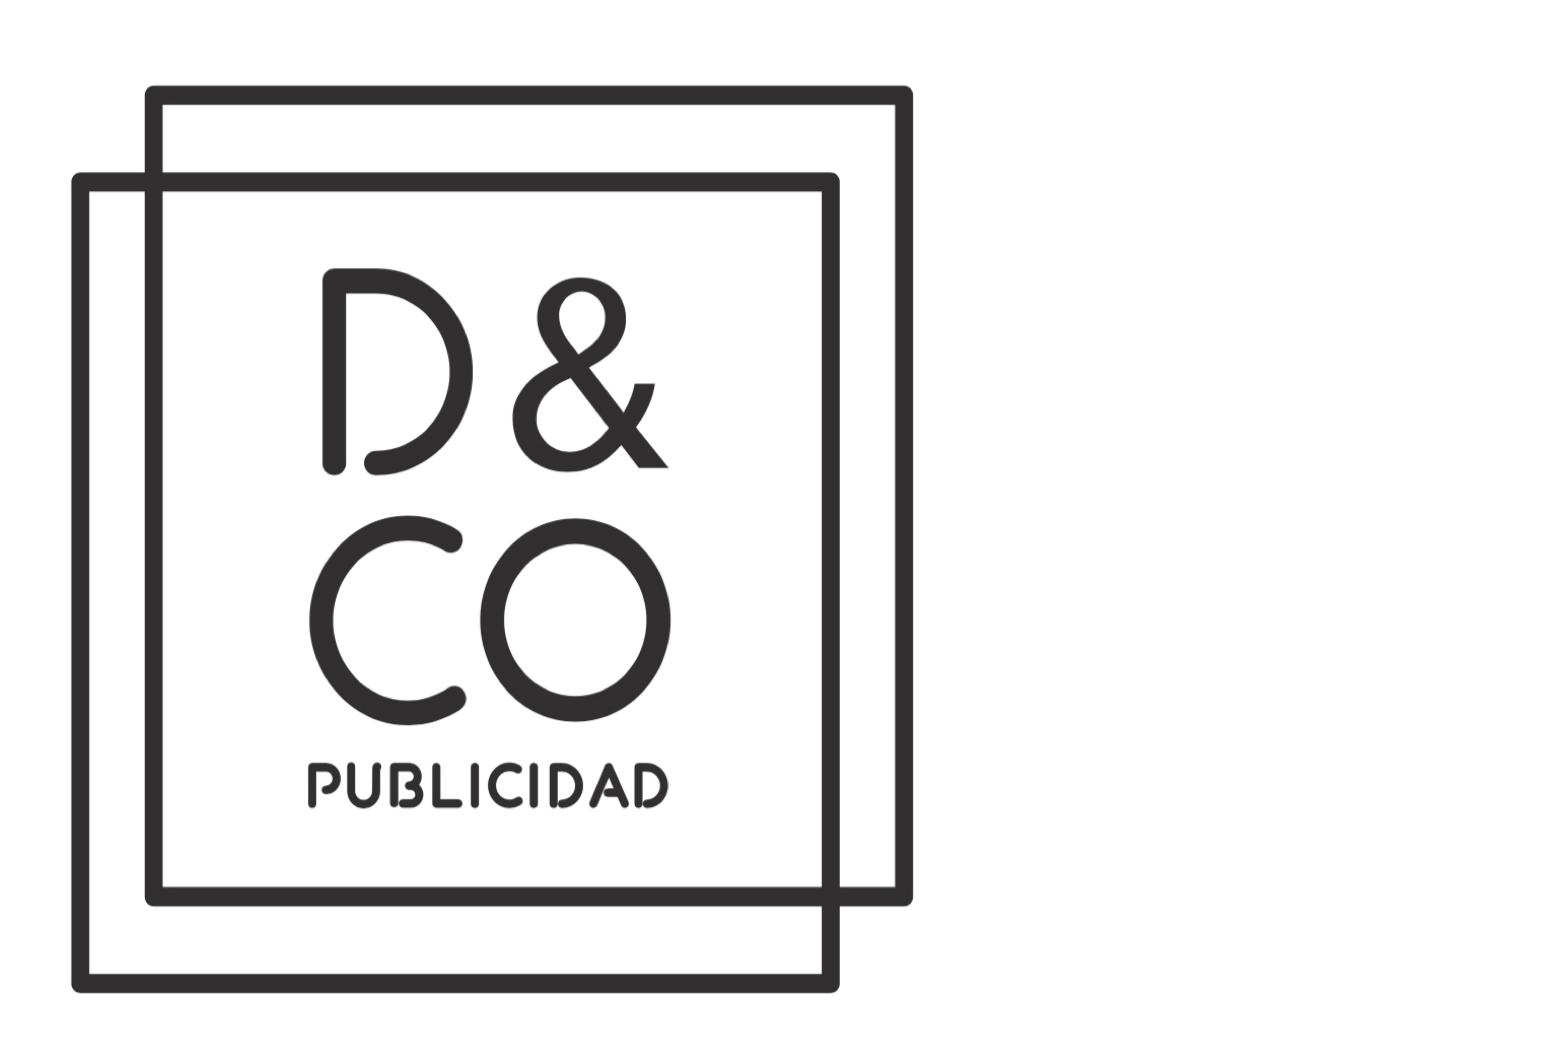 Diego & Co. Publicidad